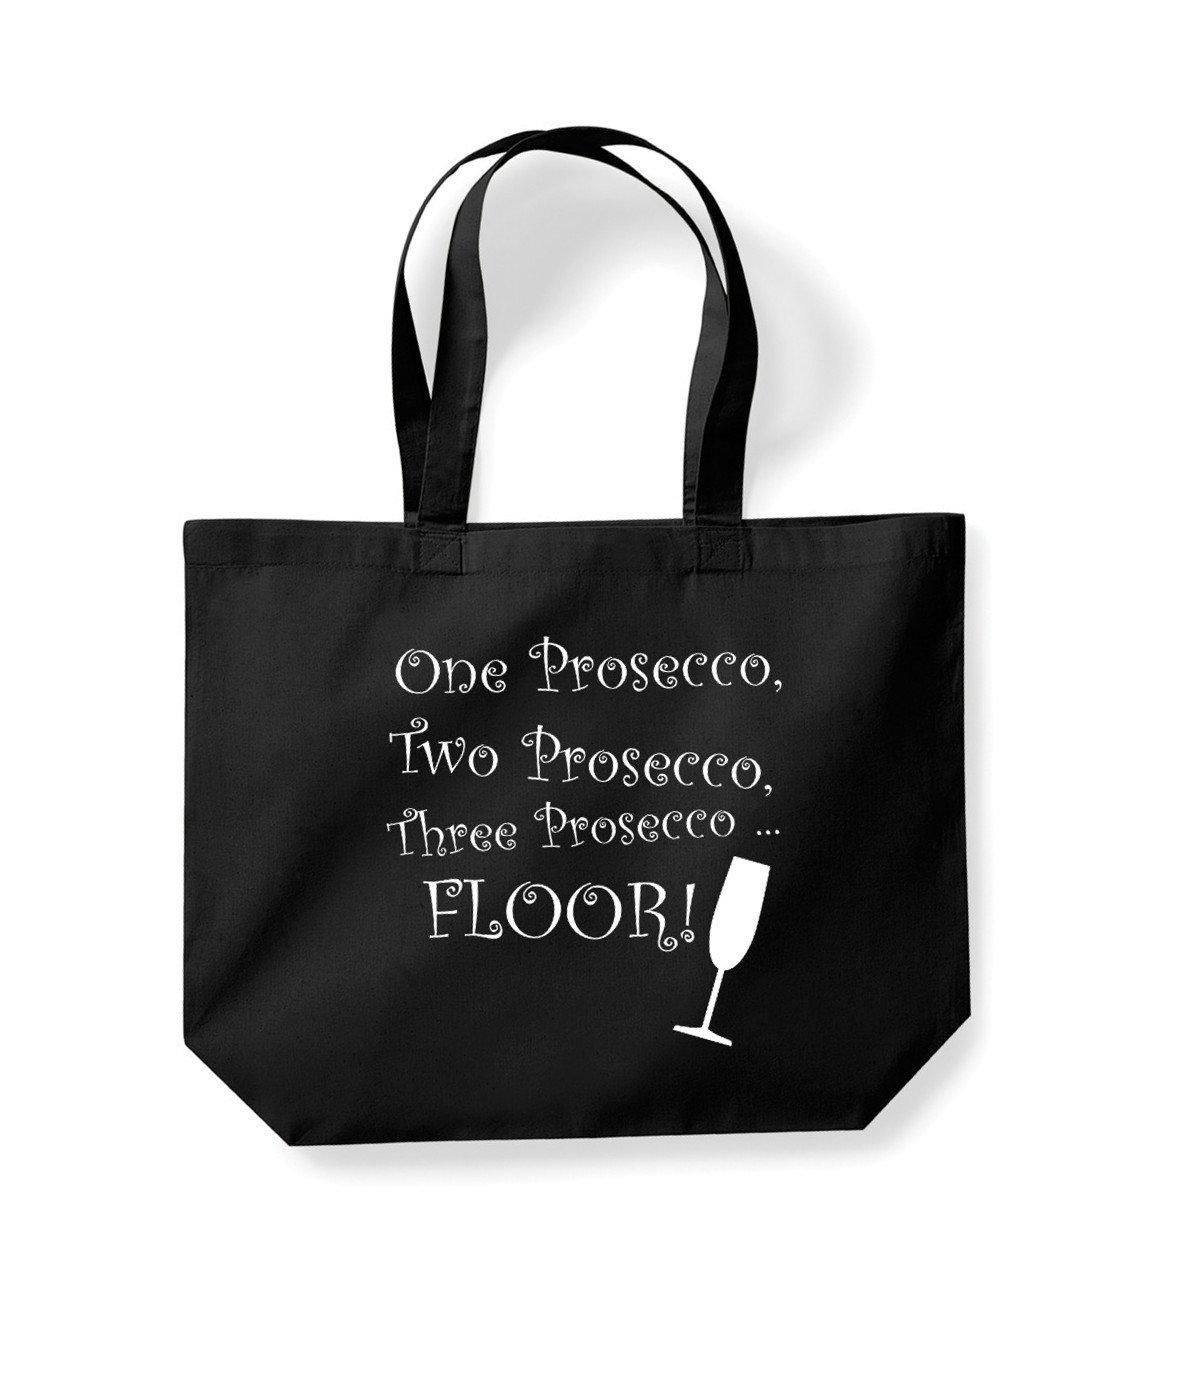 Prosecco Tote Bag Shopper I Make Prosecco Disappear Cotton Shopping Bag Fun New